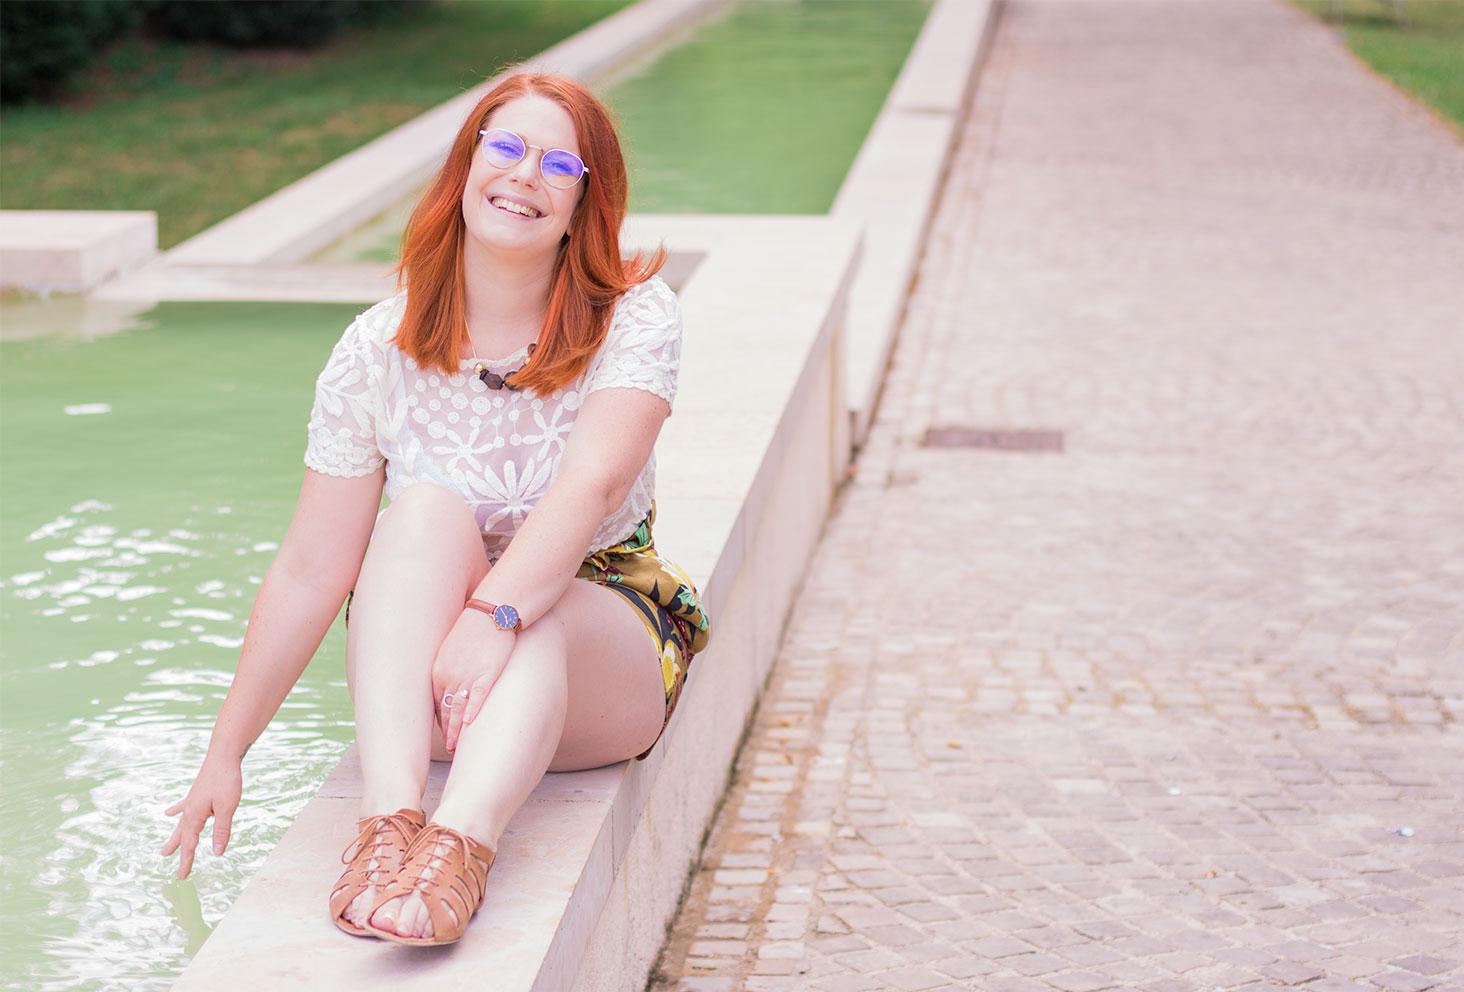 En look Zara tout en dentelle, assise sur le bord d'une fontaine avec la main dans l'eau